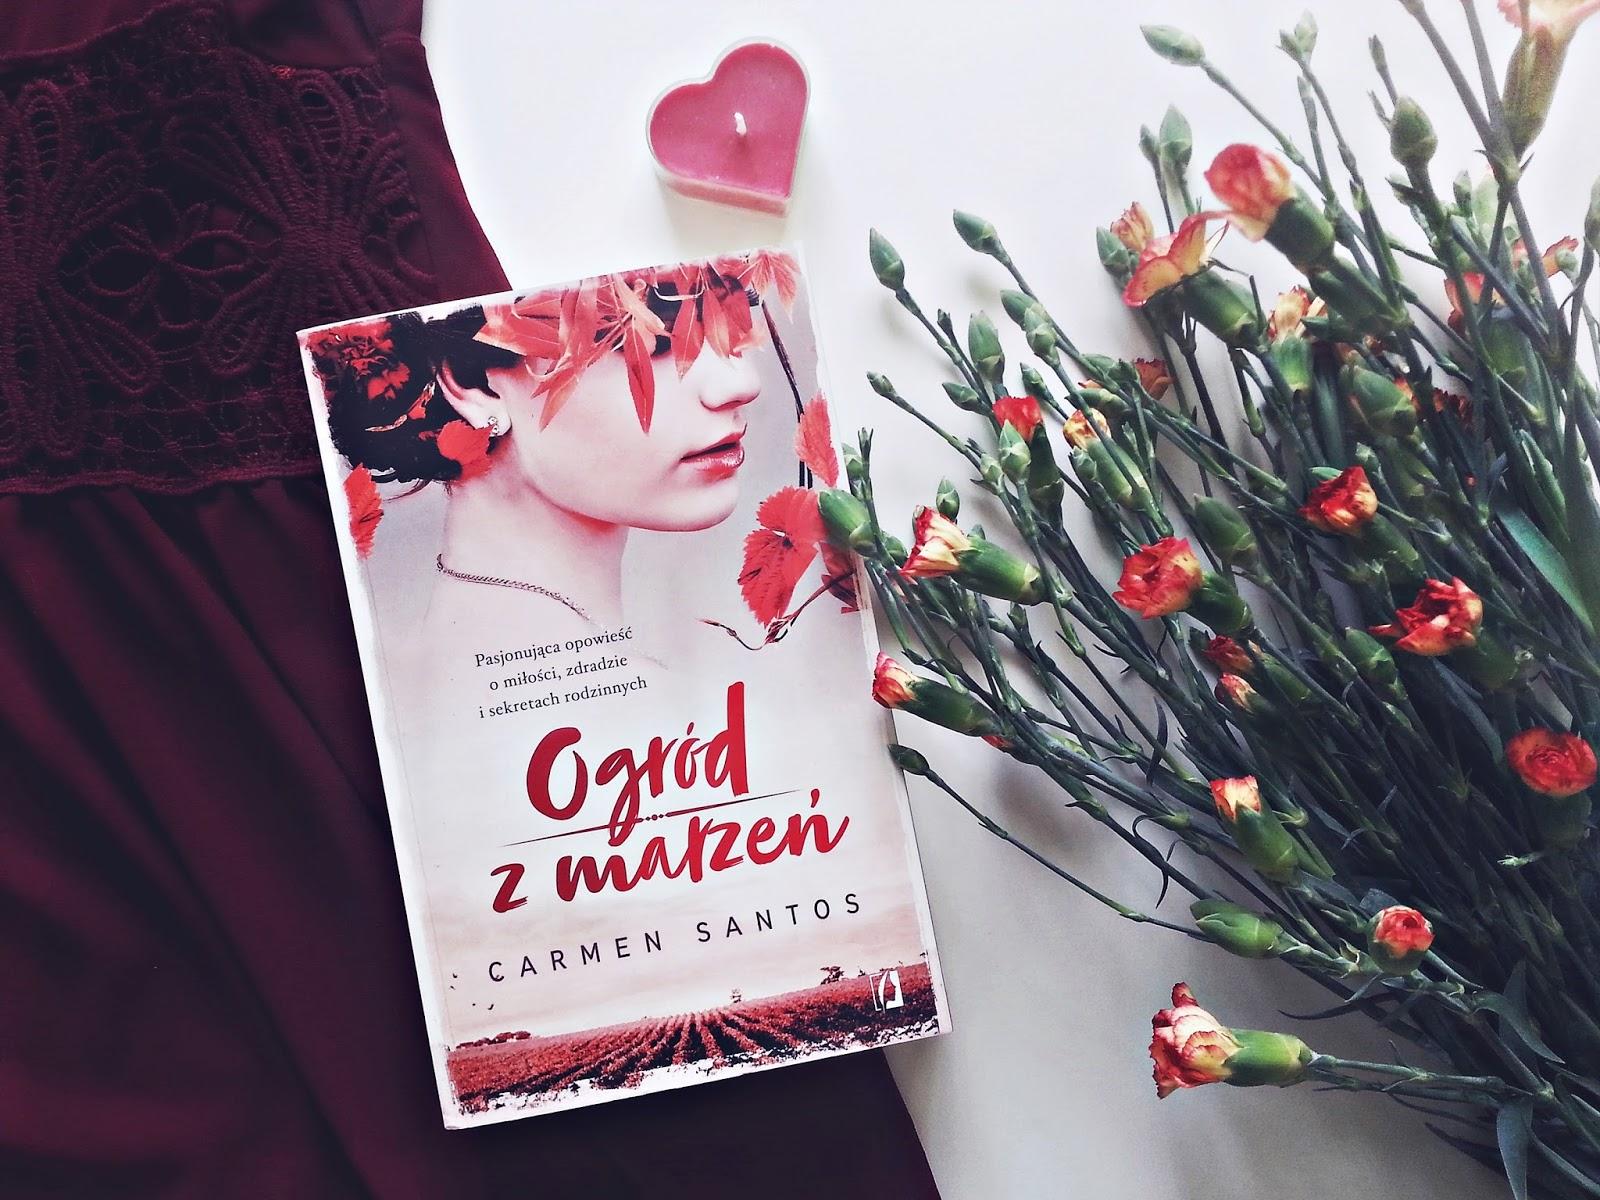 Ogród z marzeń, Carmen Santos, Wydawnictwo Kobiece, książka, recenzja